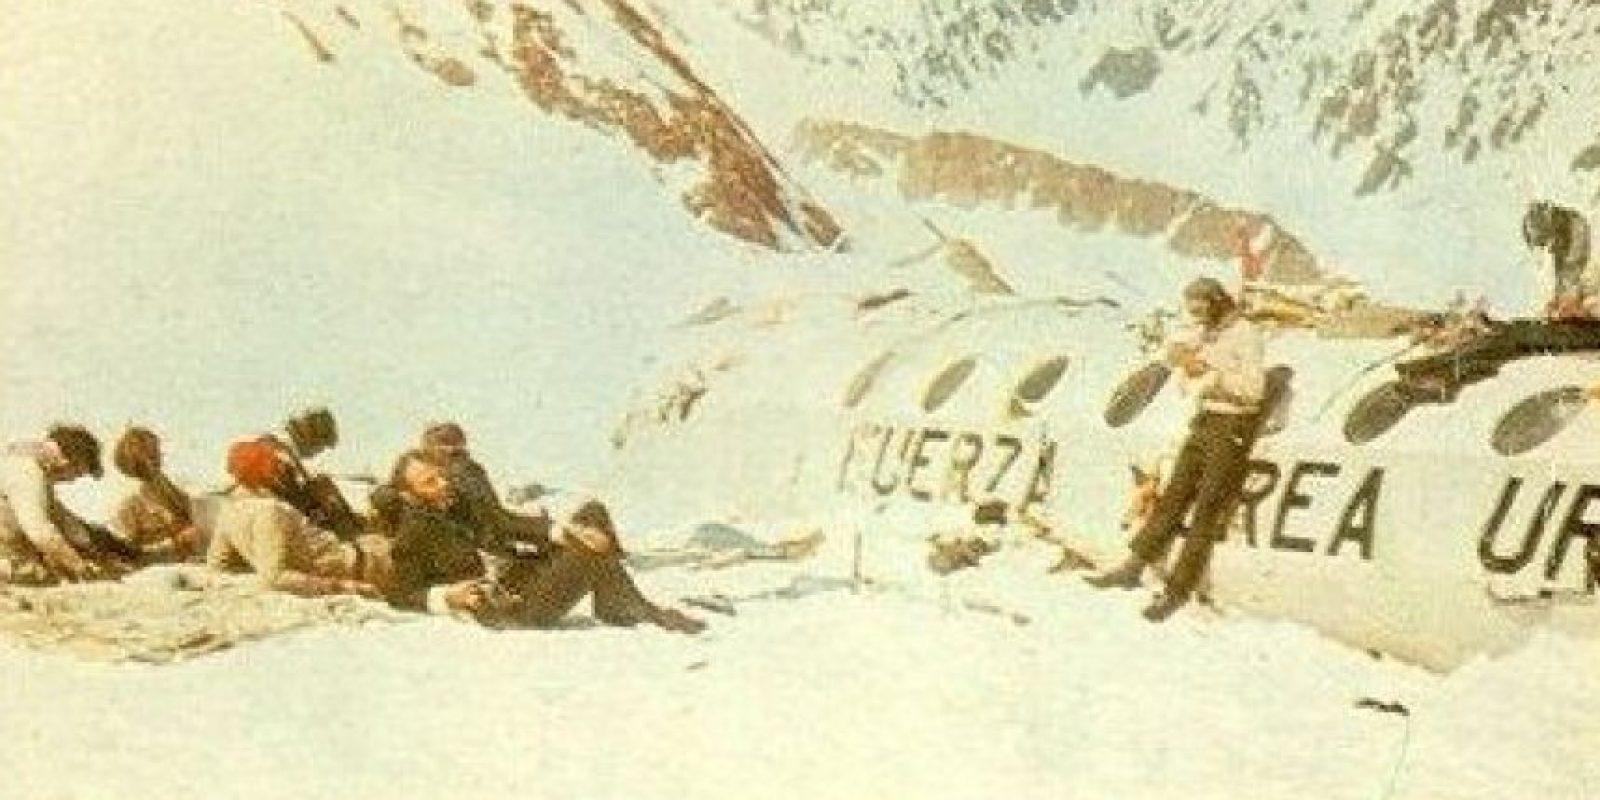 13 de octubre de 1972 Foto:Wikimedia.org